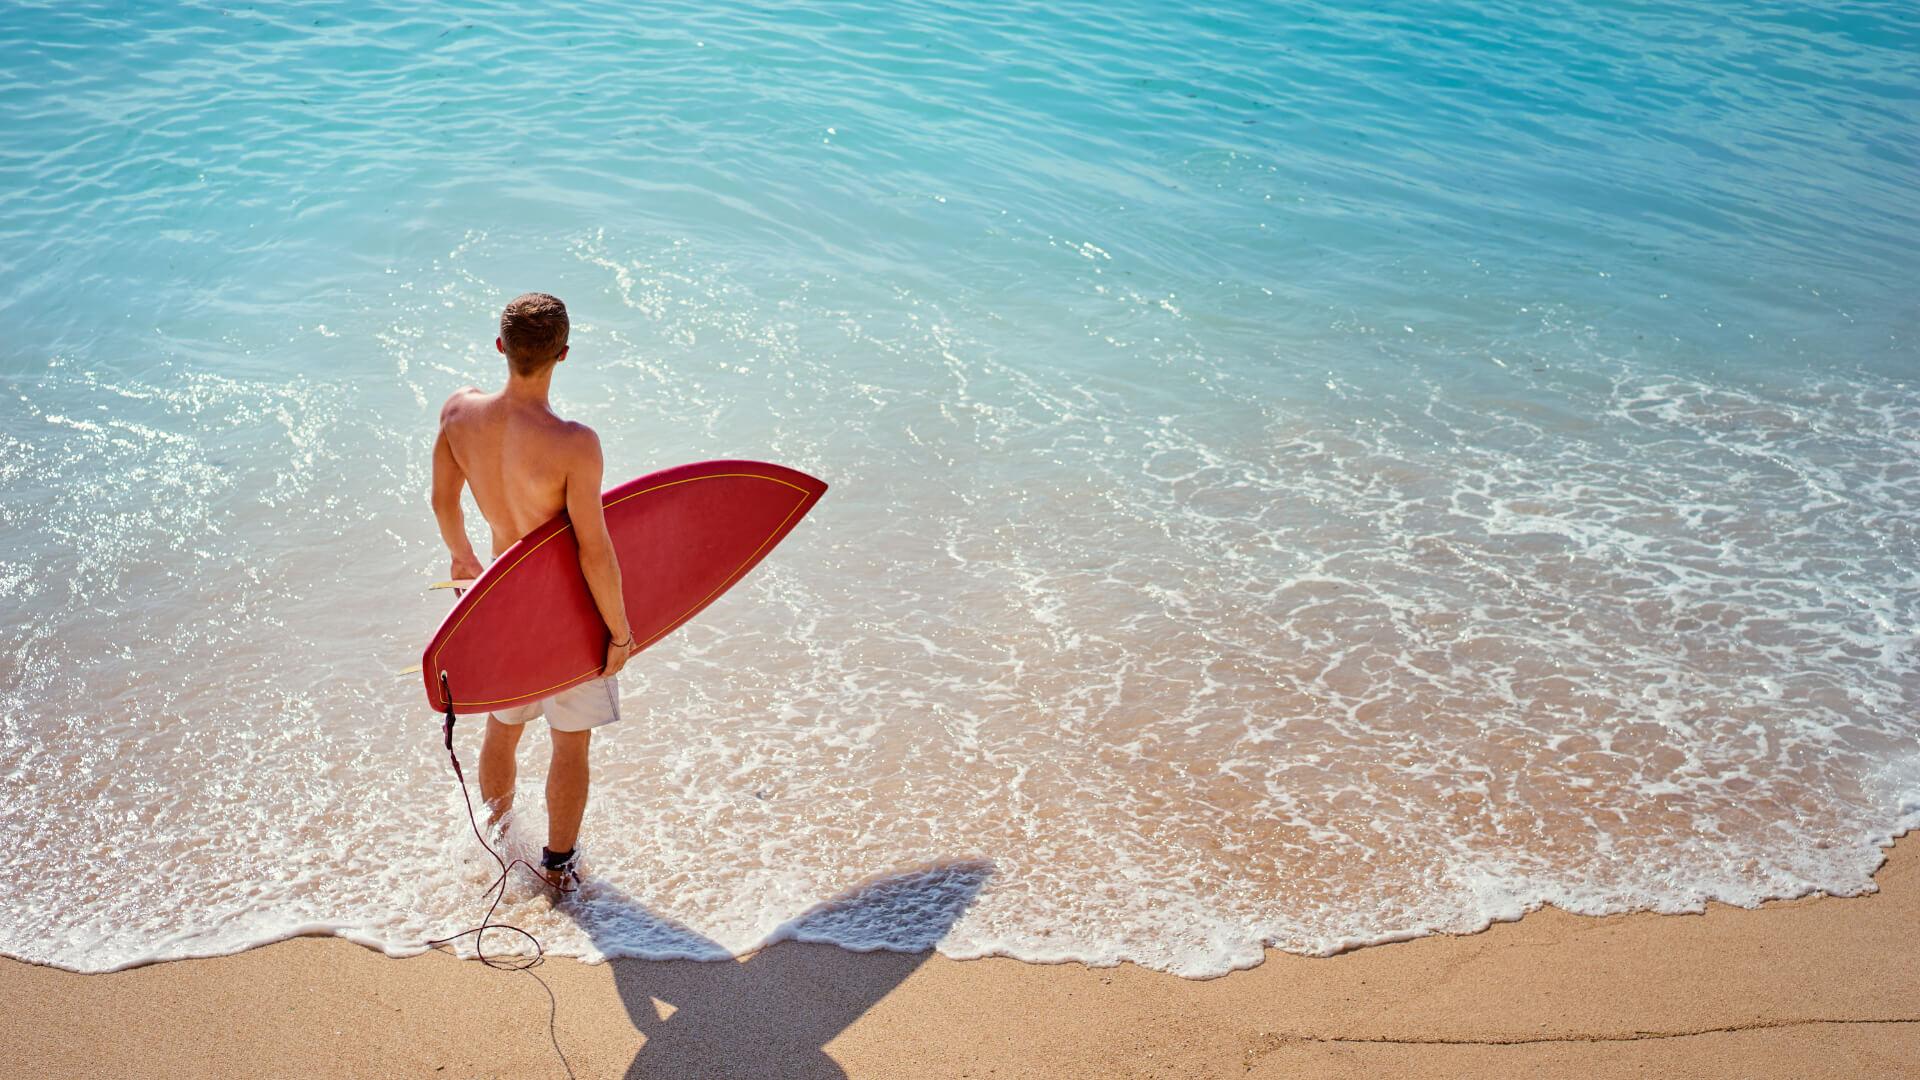 Yeni Başlayanlar İçin Dalga Sörfünün Püf Noktaları